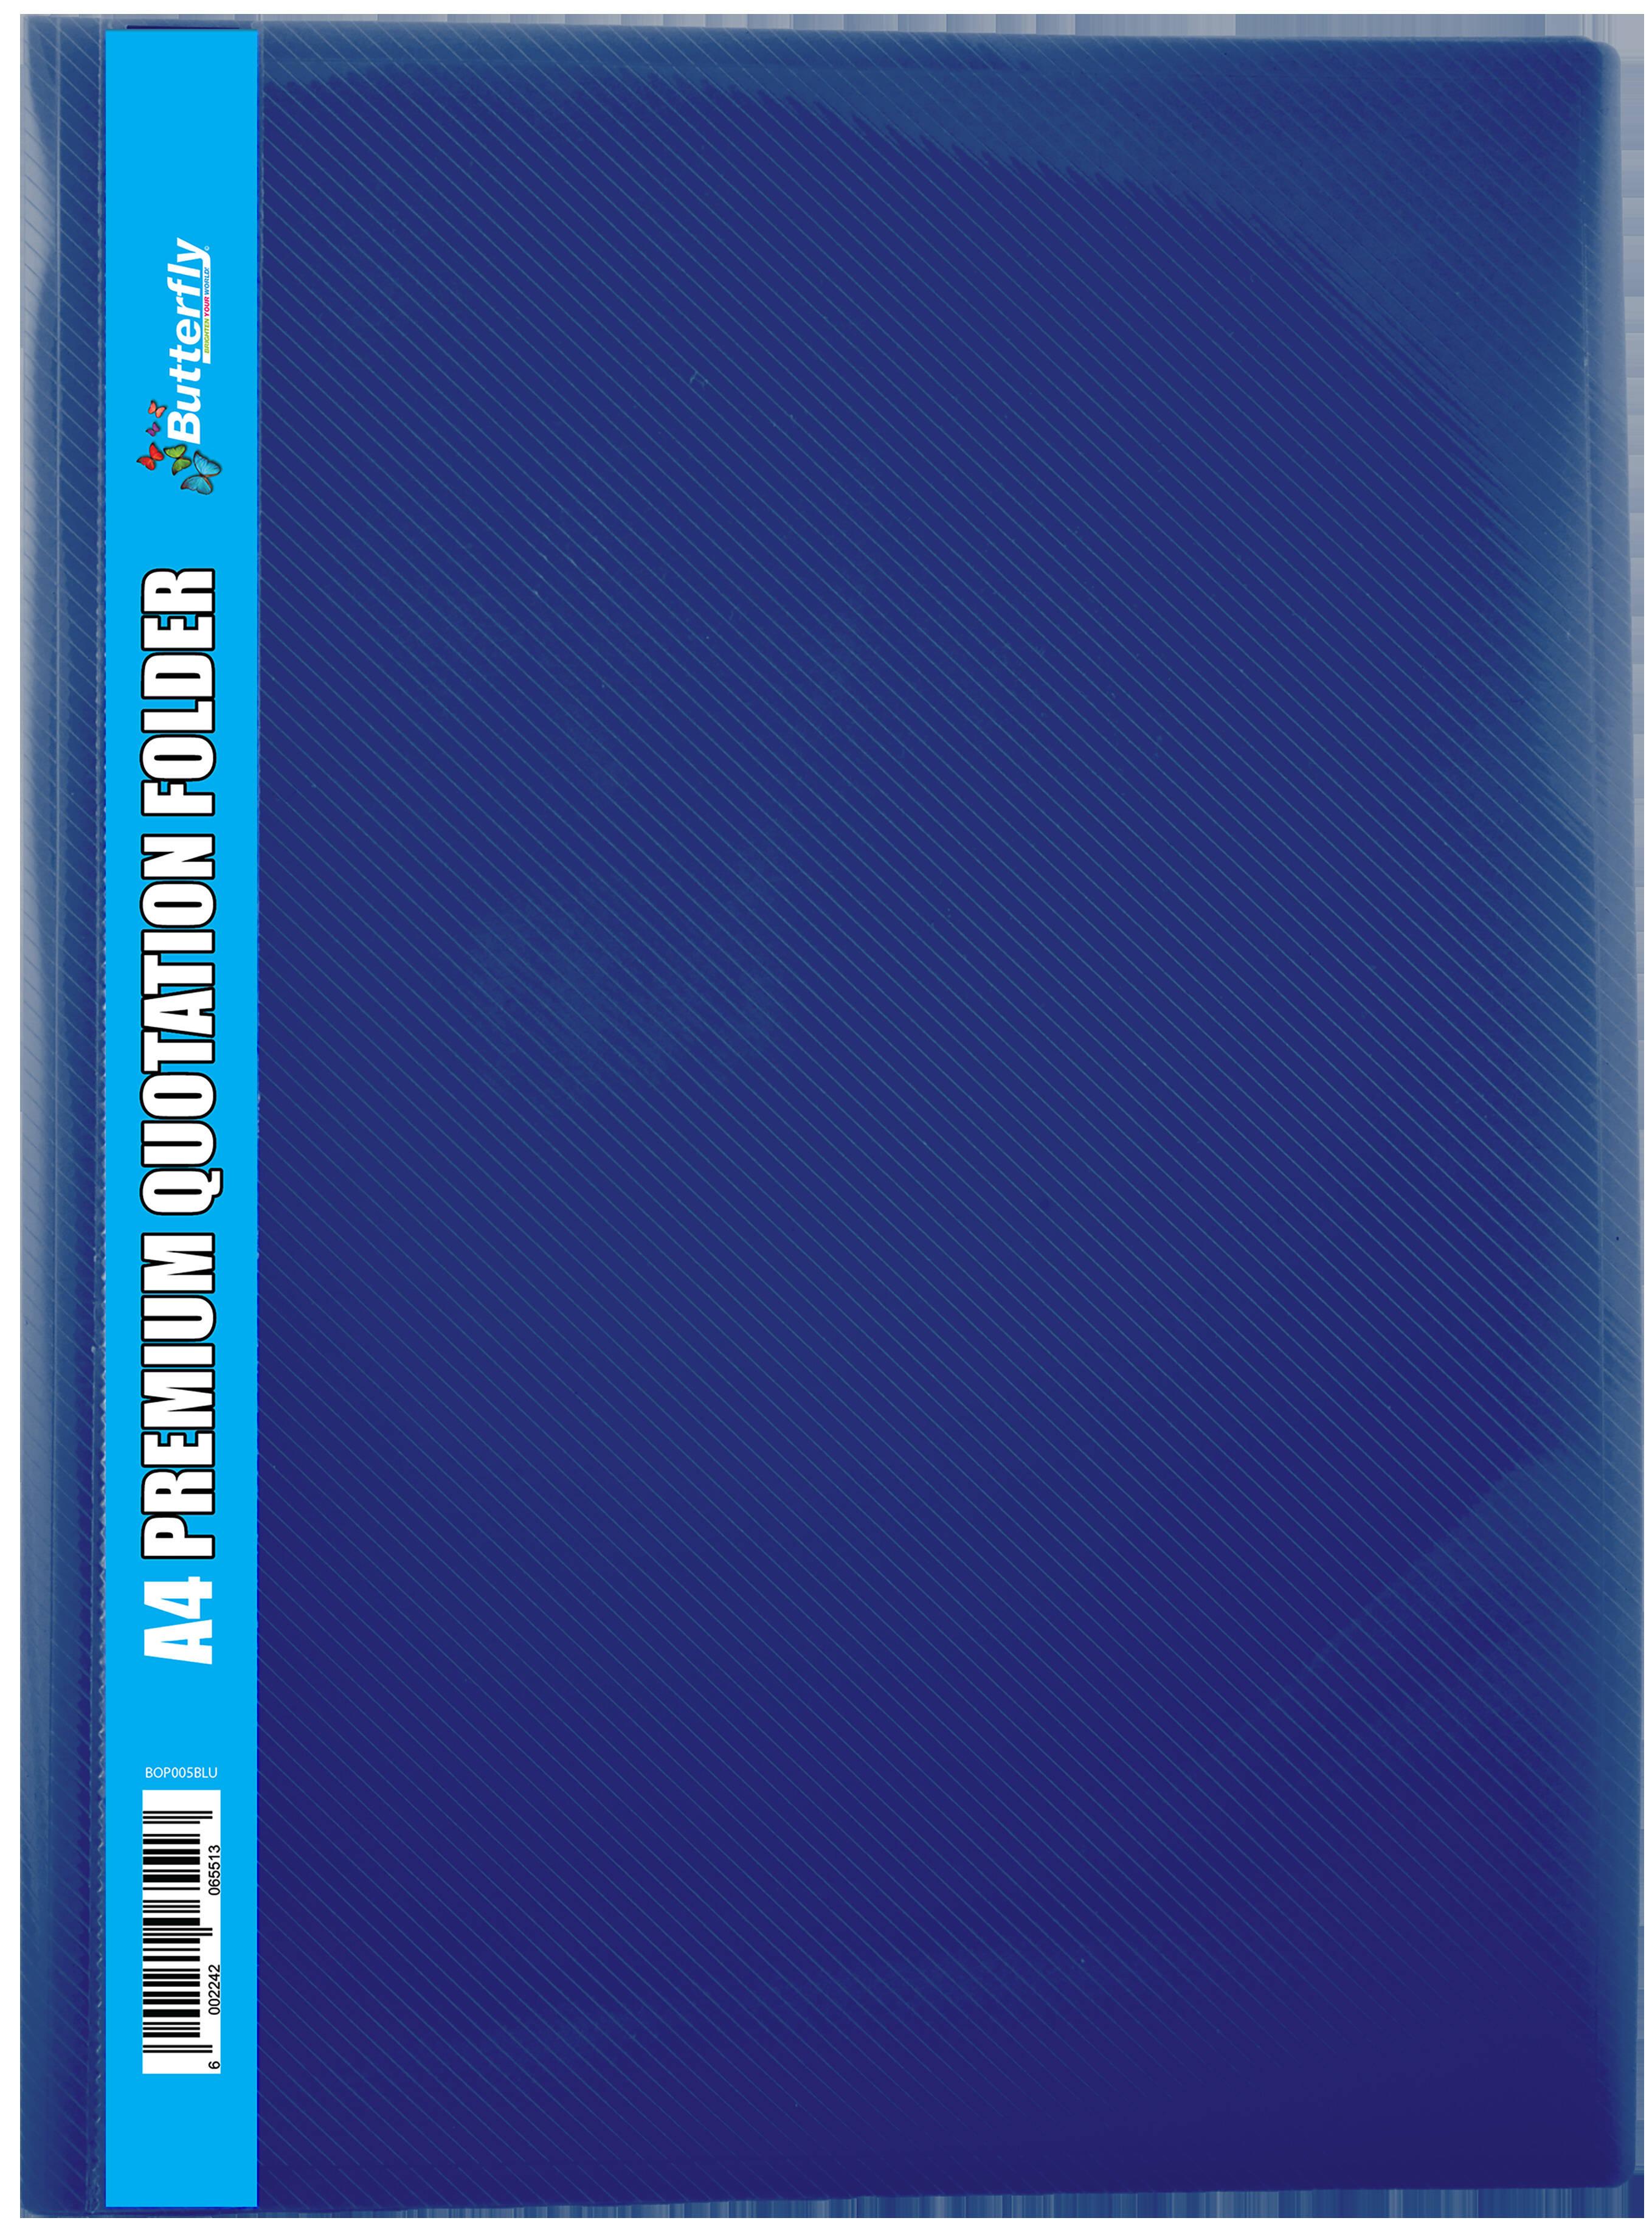 A4 Premium Quotation Folders - 400 Micron - Blue